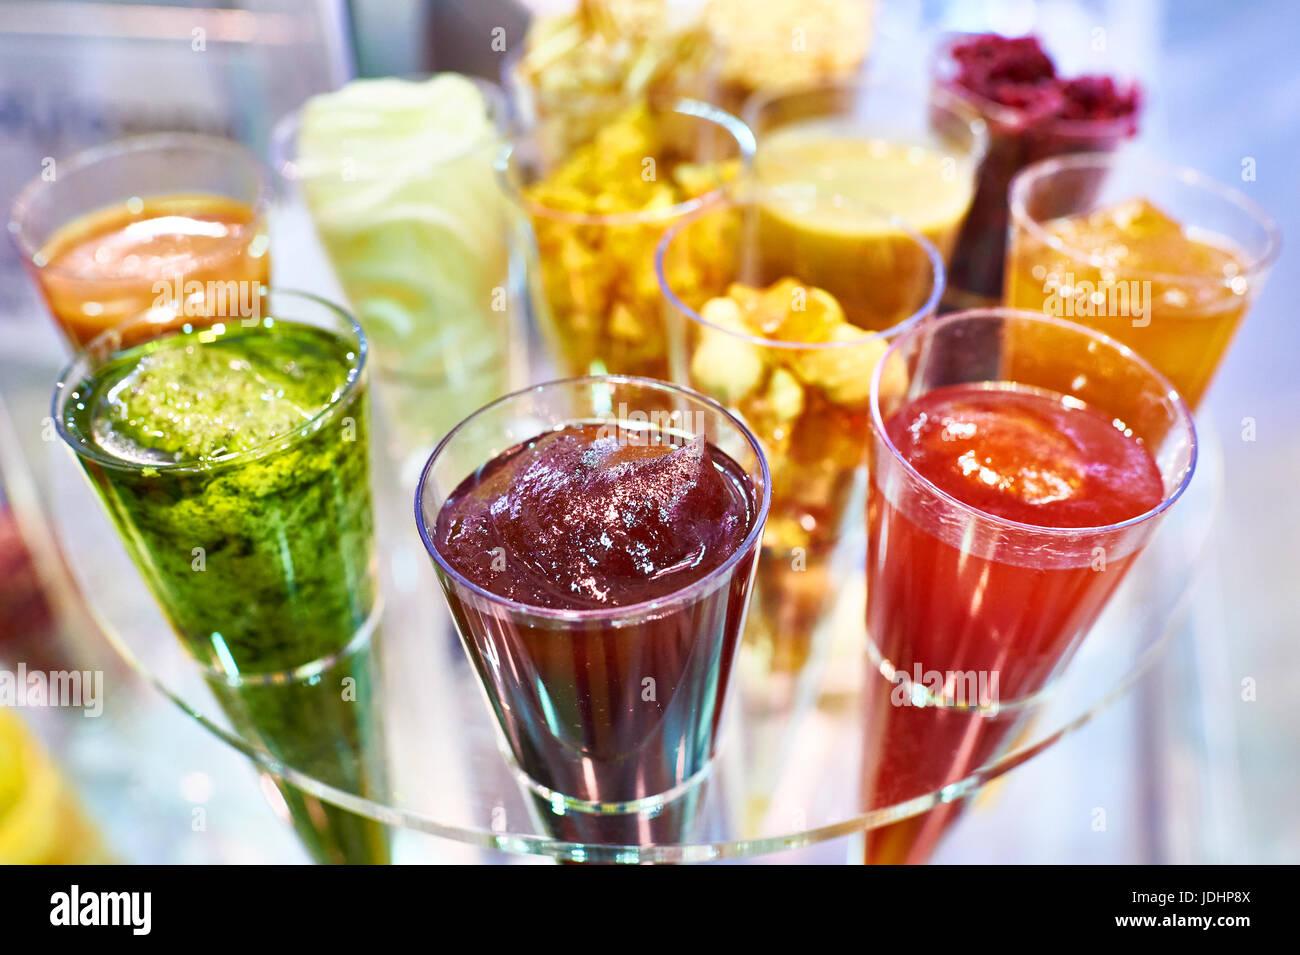 Fruit sucré et l'écrou d'additifs pour la cuisson. Vue d'en haut Photo Stock